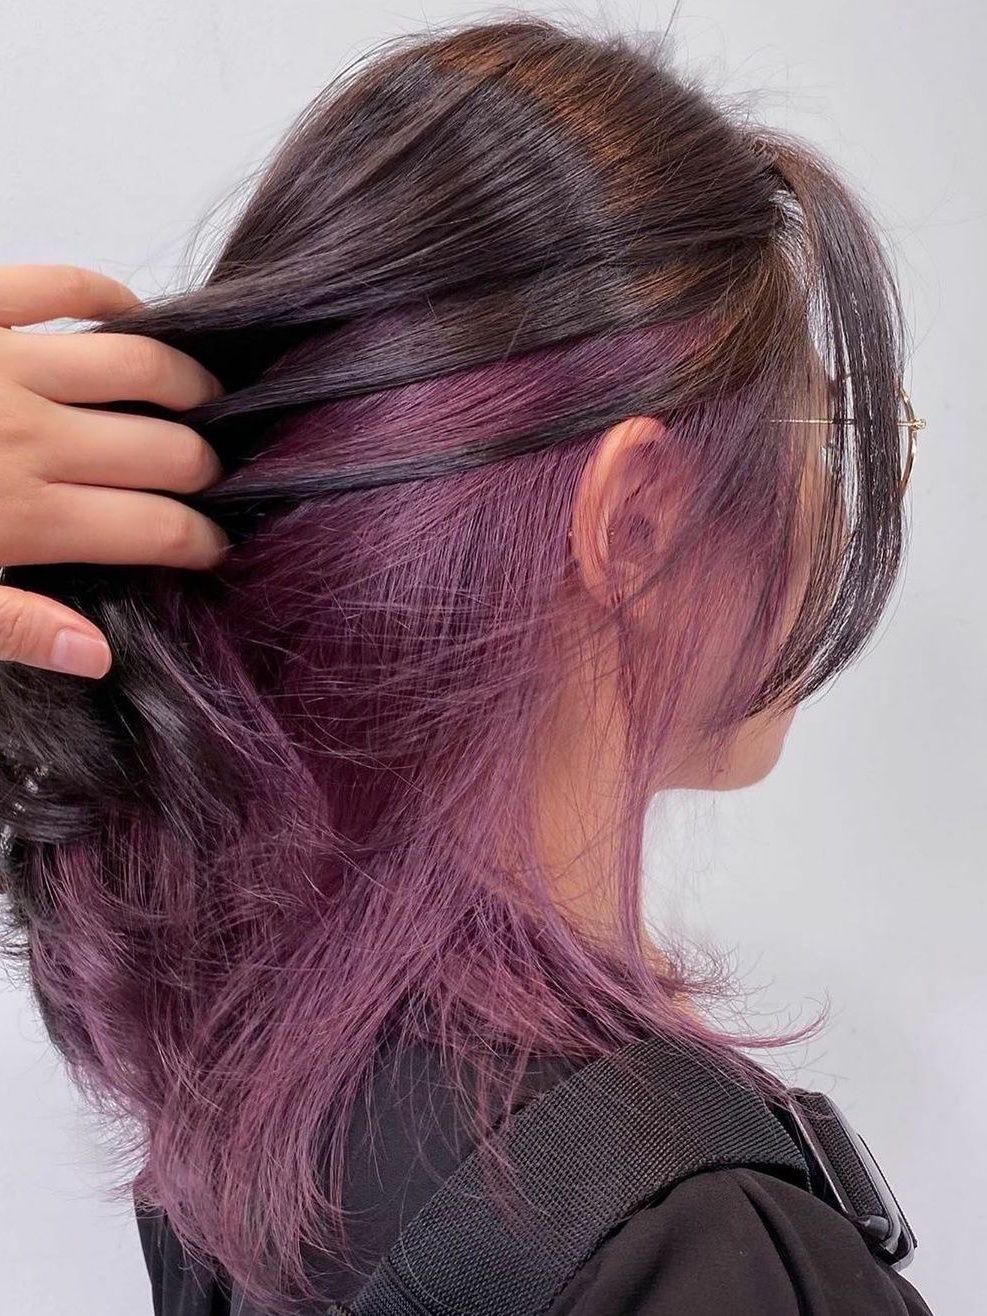 45 Korean Secret Two Tone Hair Color Ideas You Should Try In 2021 In 2021 Two Color Hair Korean Hair Color Hair Dye Colors